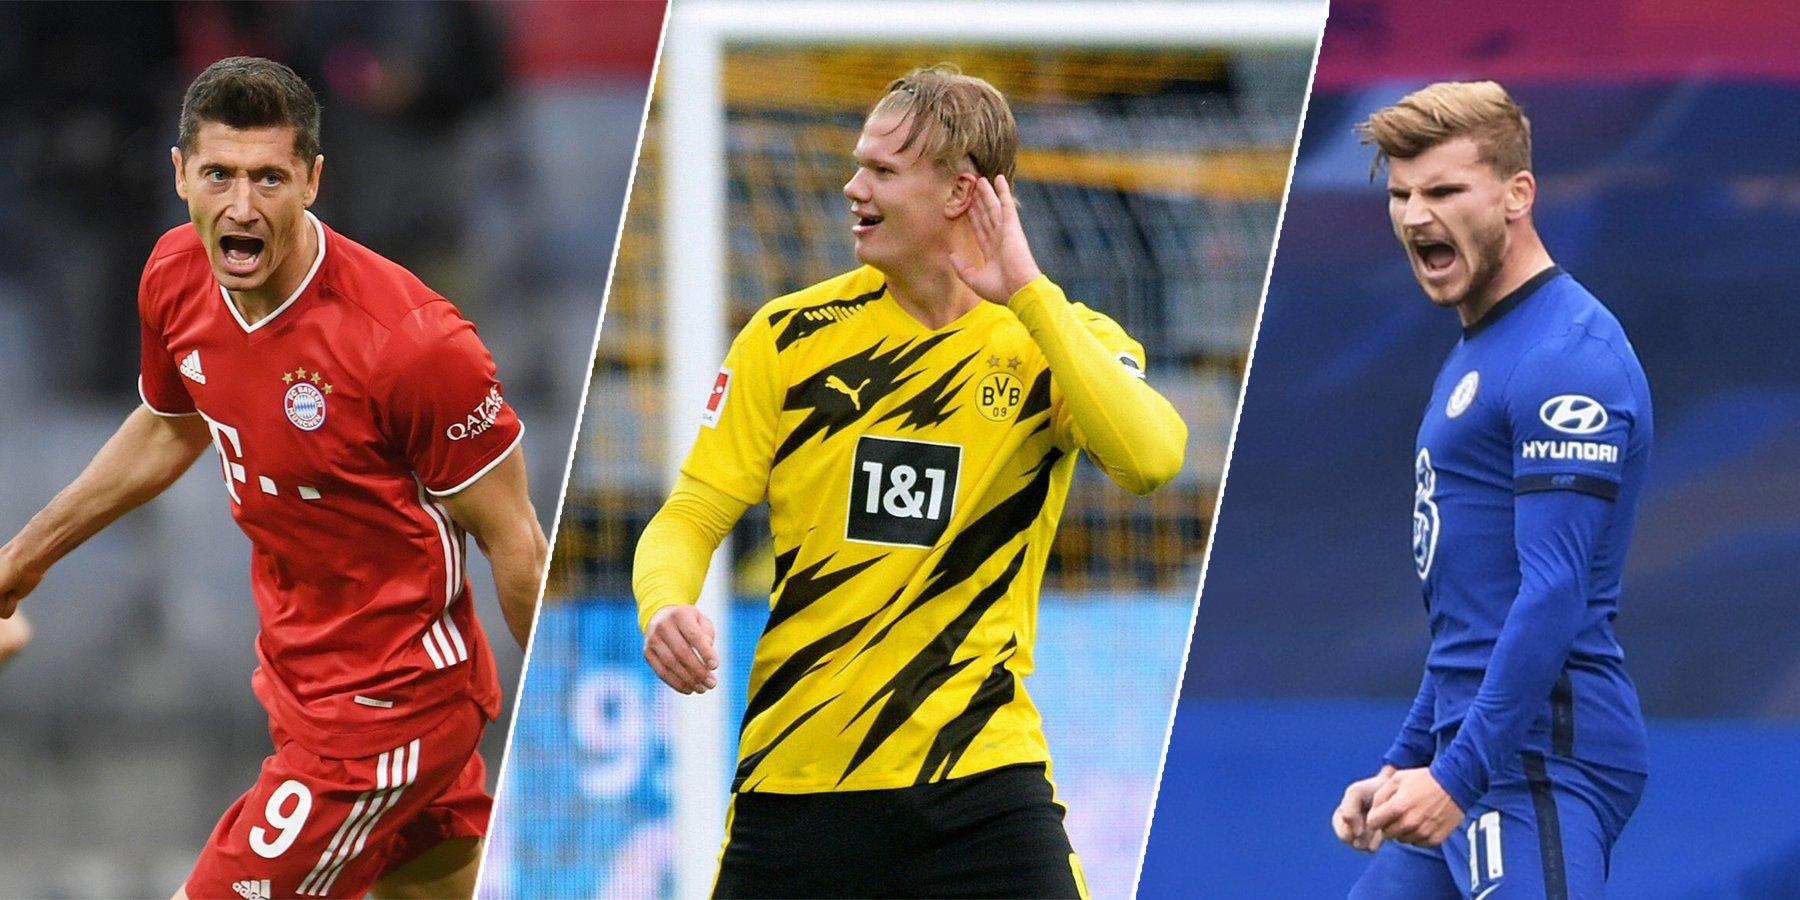 «Бавария» убивает, «Боруссия» злится, а «Челси» сушит... Как дела у наших соперников по еврокубкам?